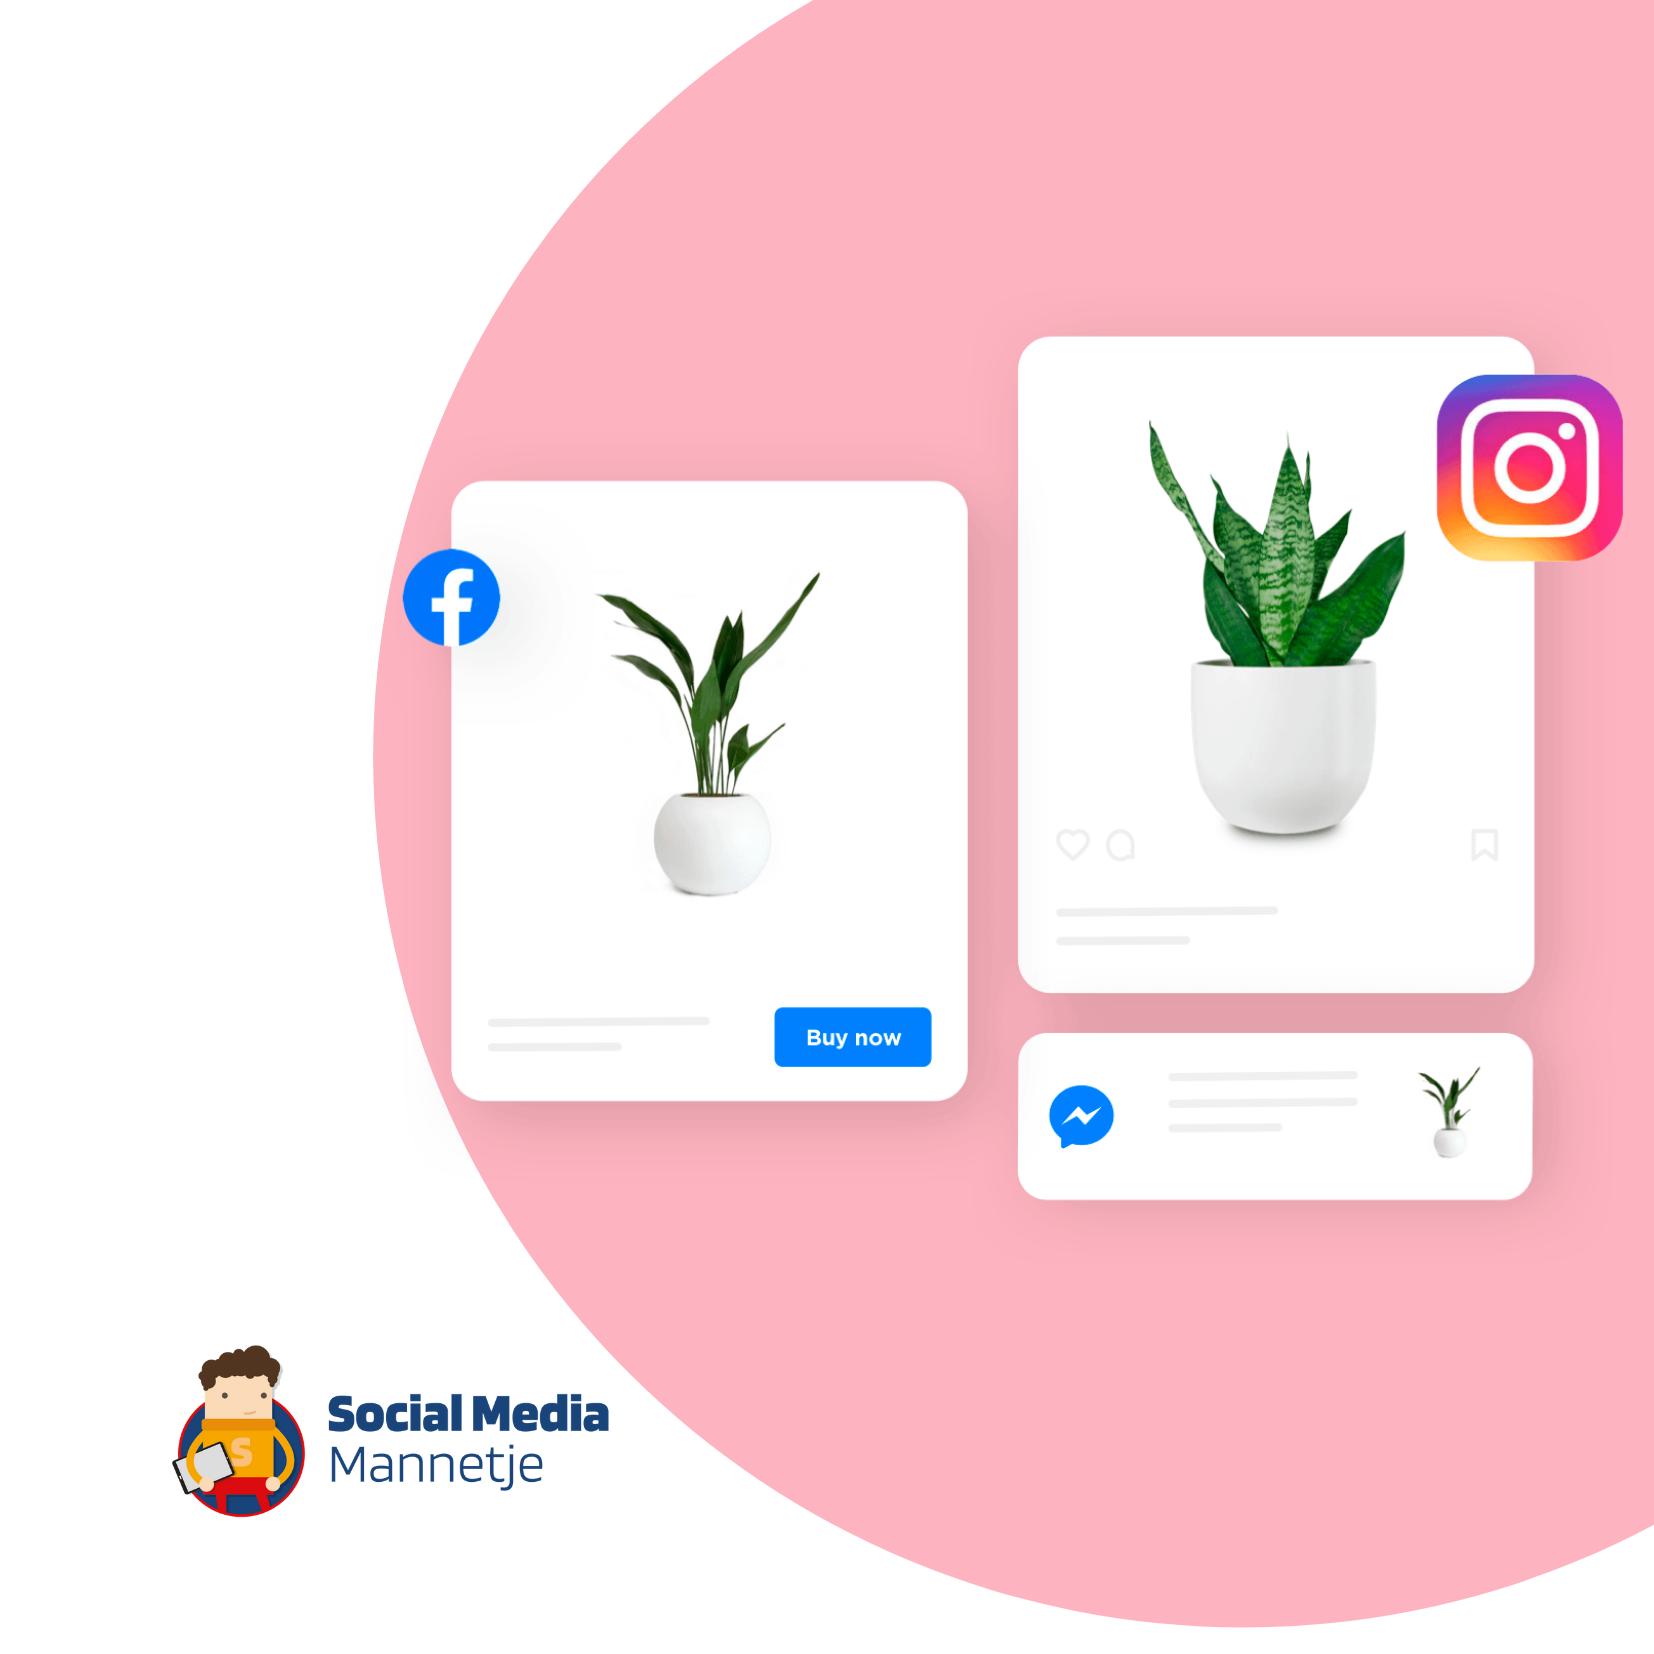 Start jouw winkel op Facebook en Instagram